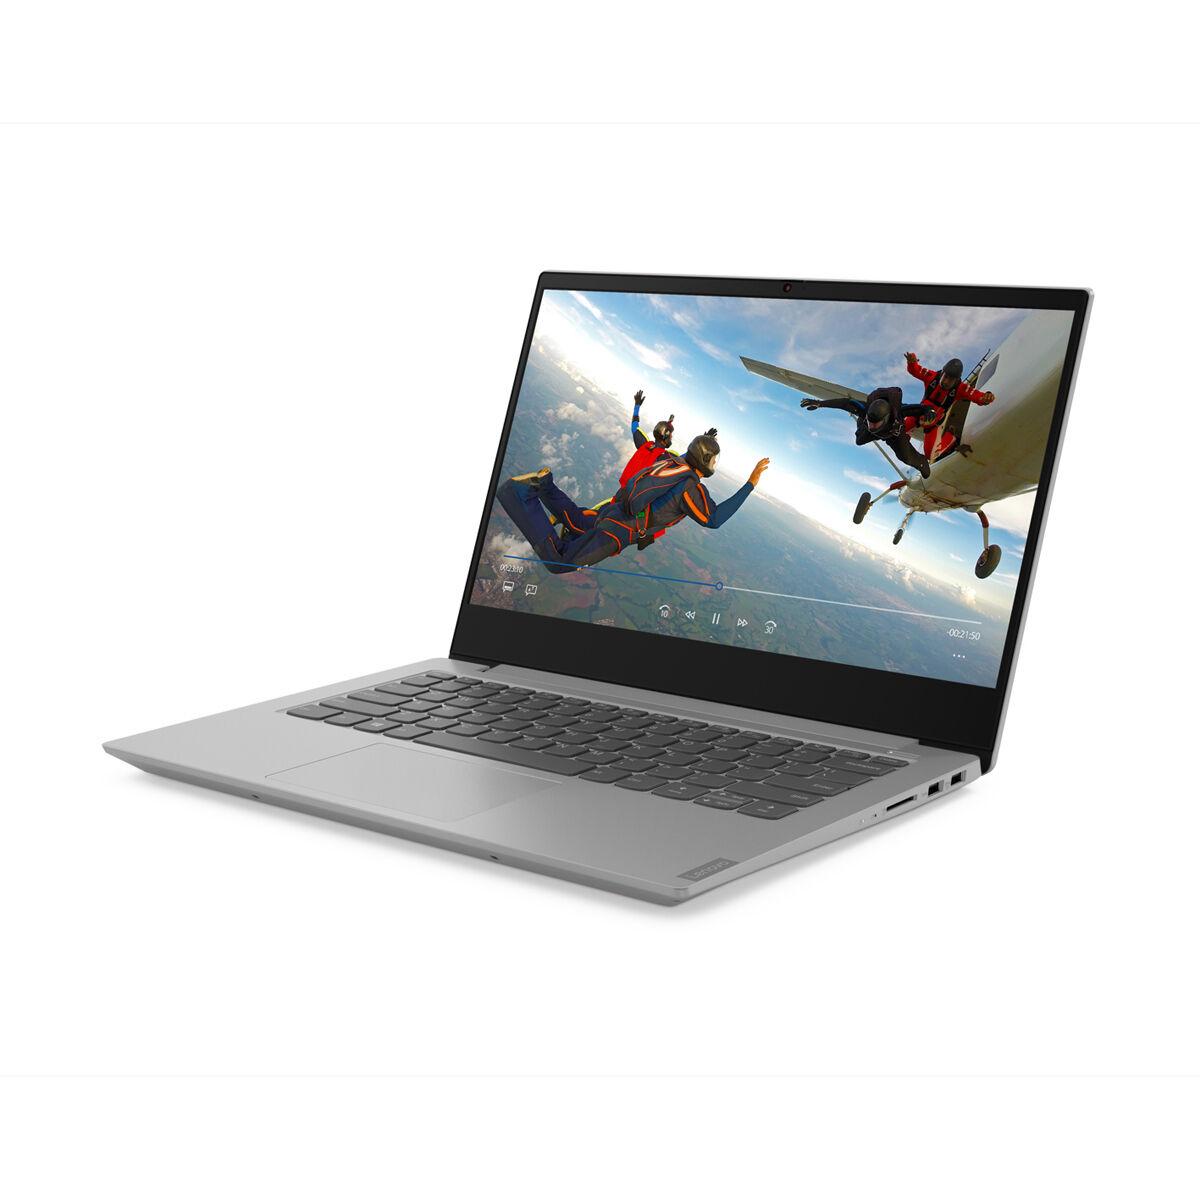 """Déjà-vu: Lenovo IdeaPad S340-14API (14"""", Full HD, AMD Ryzen 3 3200U, 8GB, 128GB SSD)"""